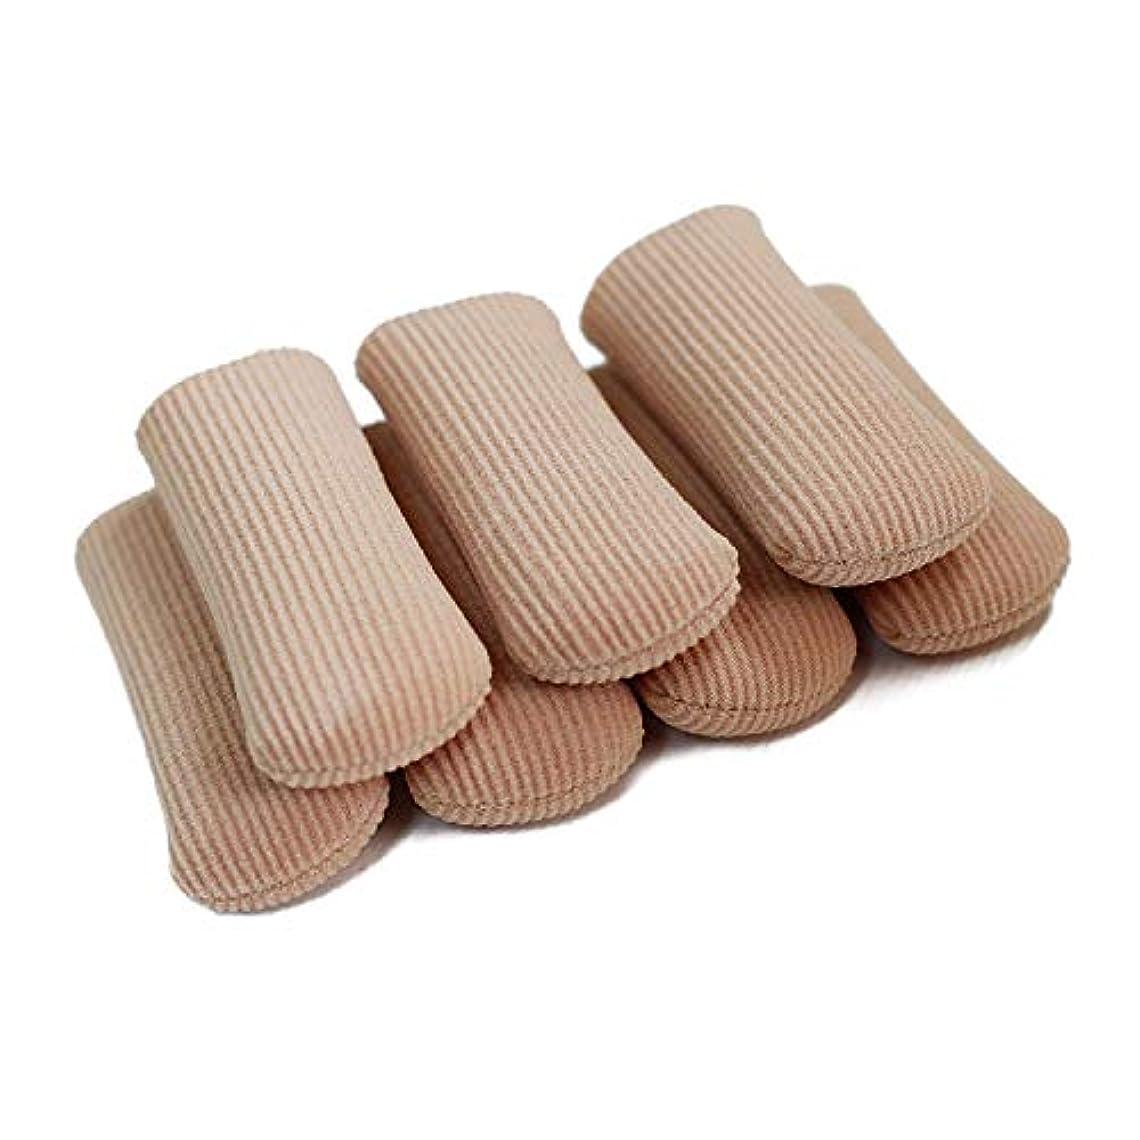 散るランドリーコテージ6個入 L 足指保護キャップ 撃吸収 レディース メンズ 男 女性適用